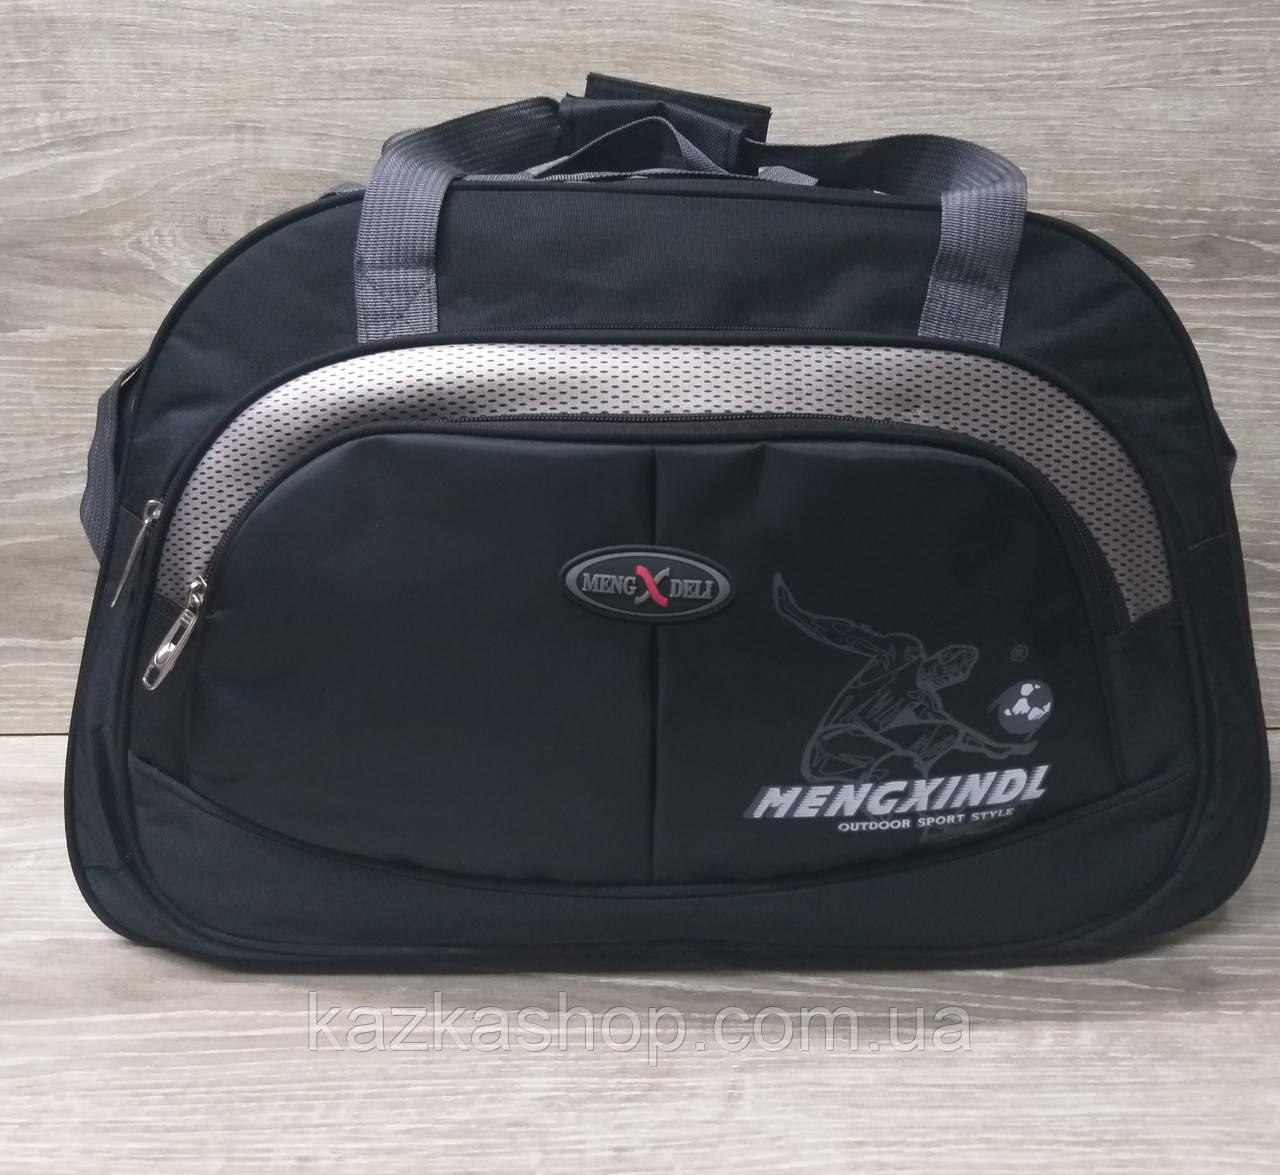 Дорожная сумка хорошего качества, среднего размера 50х33х20 см, плотный материал, ножки на дне сумке